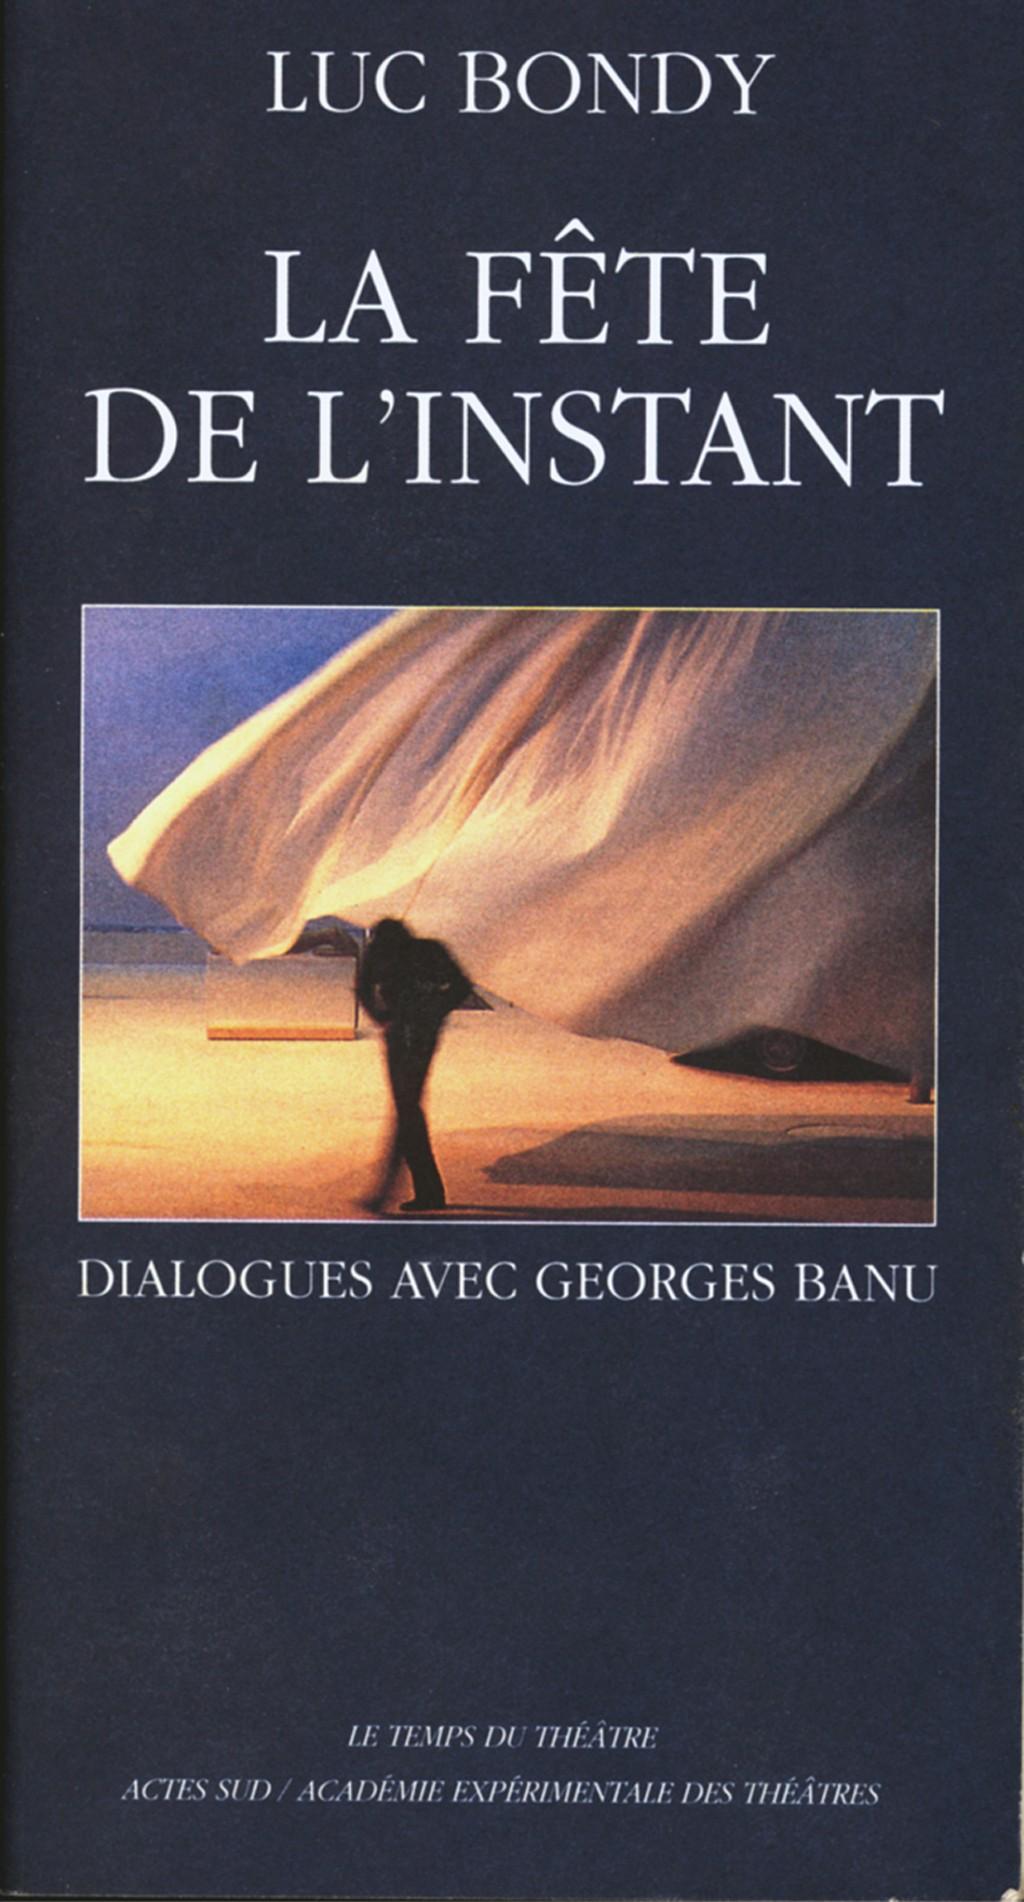 LUC BONDY LA FÊTE DE L'INSTANT